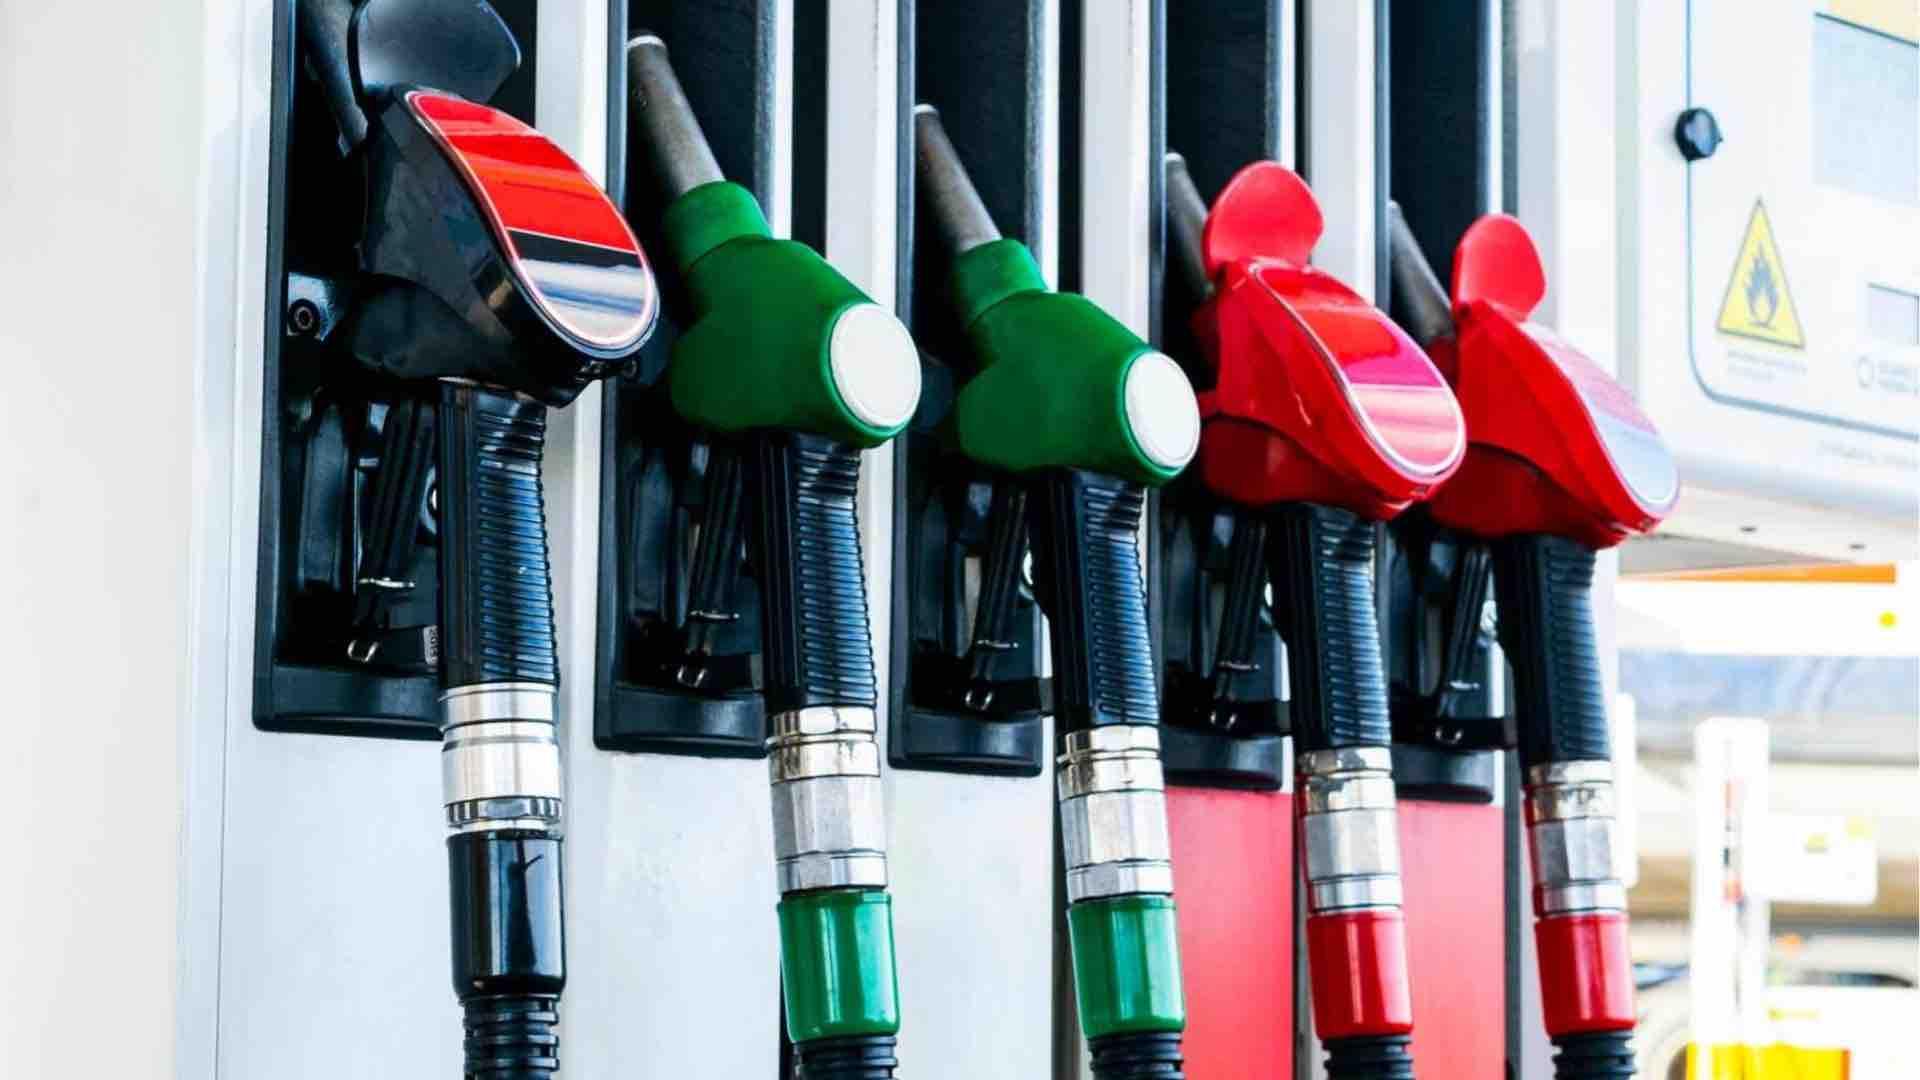 FIAP Valori indicativi di riferimento dei costi di esercizio v9. Dato del costo del gasolio del mese di Gennaio 2020.